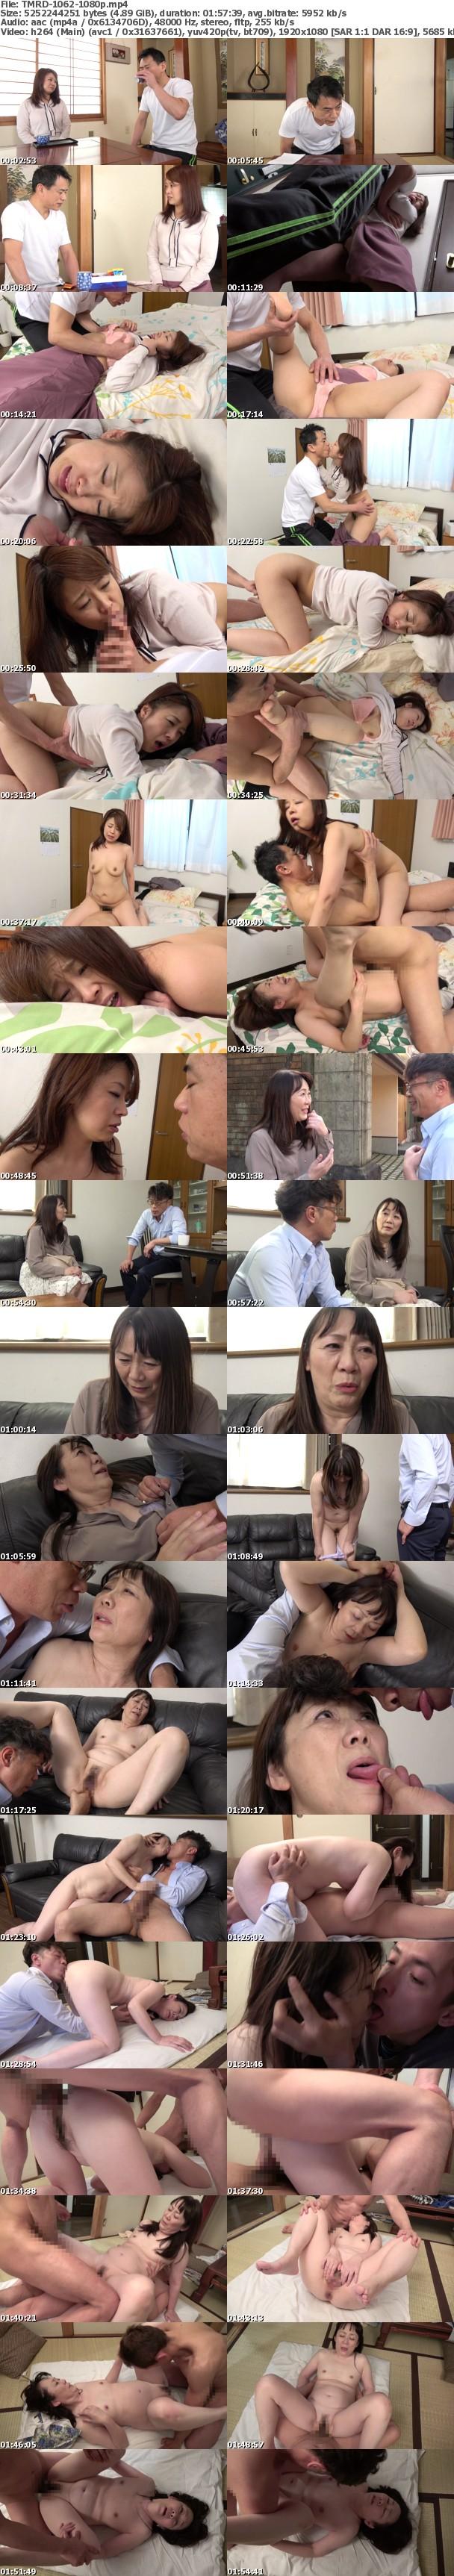 (Full HD) TMRD-1062 熟妻 息子のサッカーのコーチに襲われた清純妻 六十路完熟女は44年ぶりに再会した同級生に2穴されて…